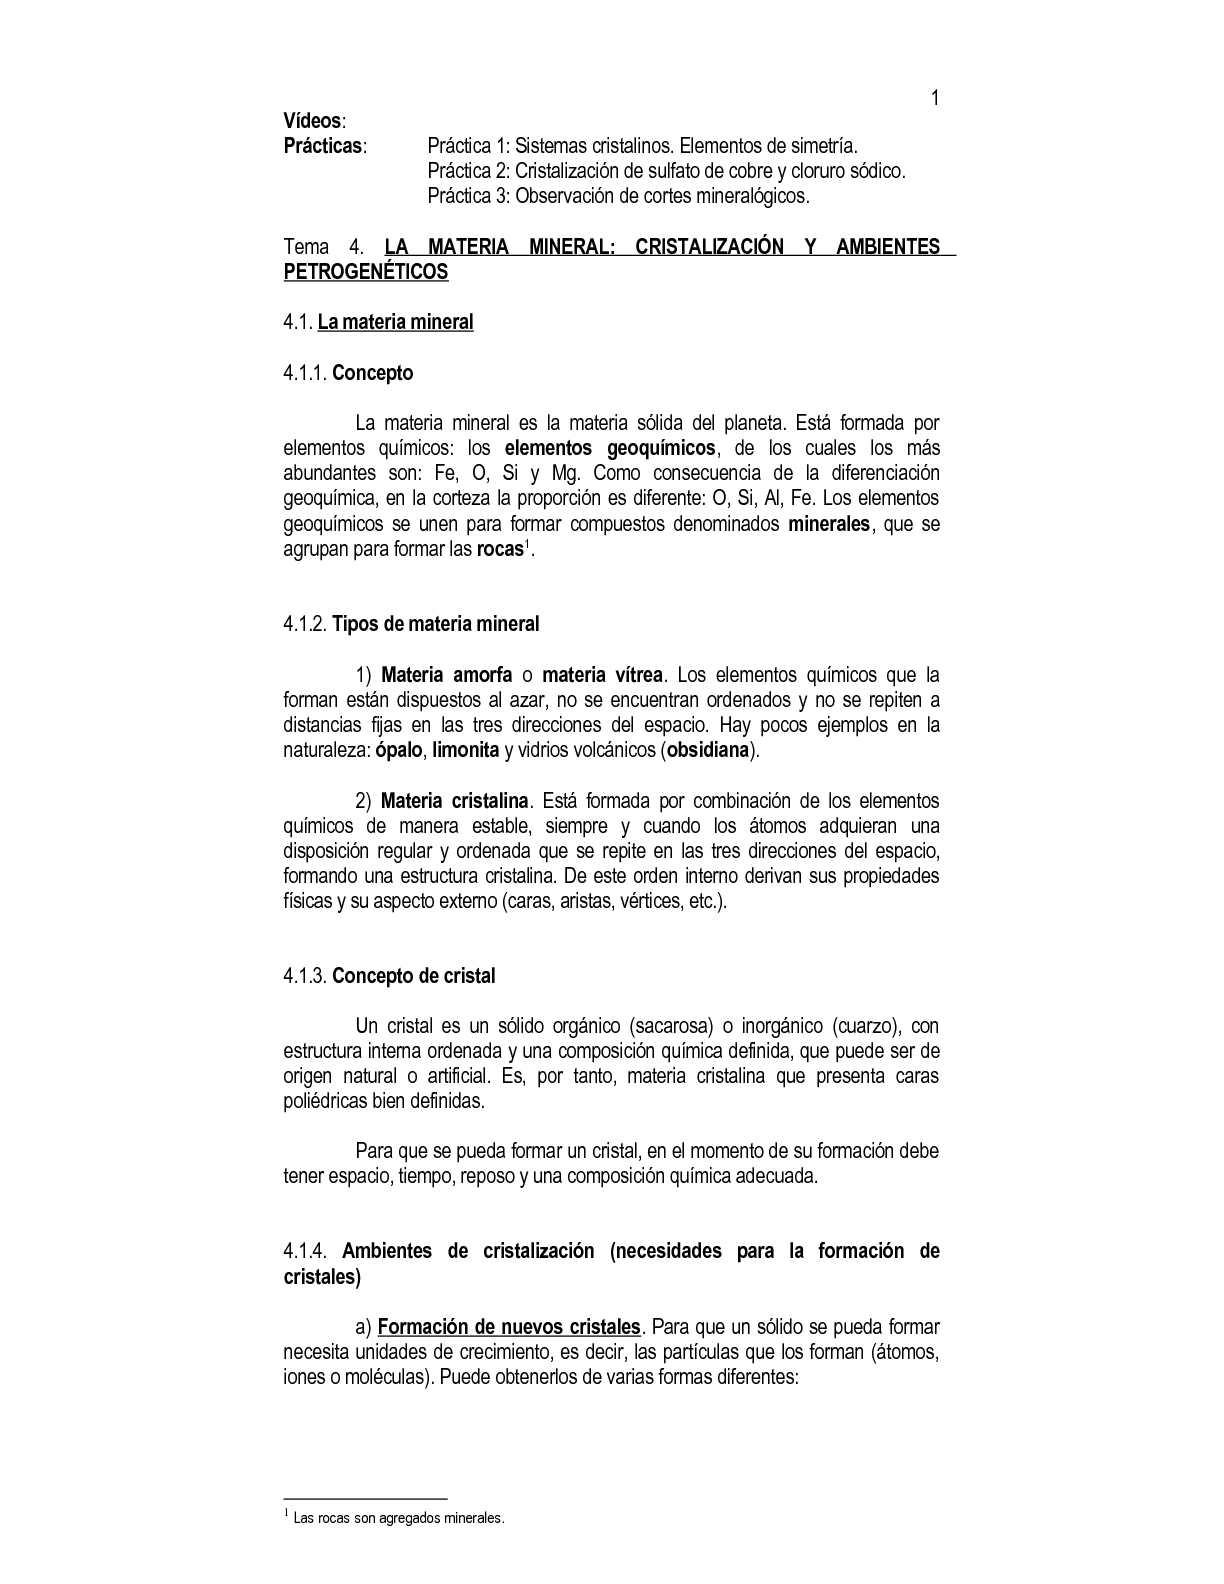 Calaméo Tema 04 La Materia Mineral Cristalización Y